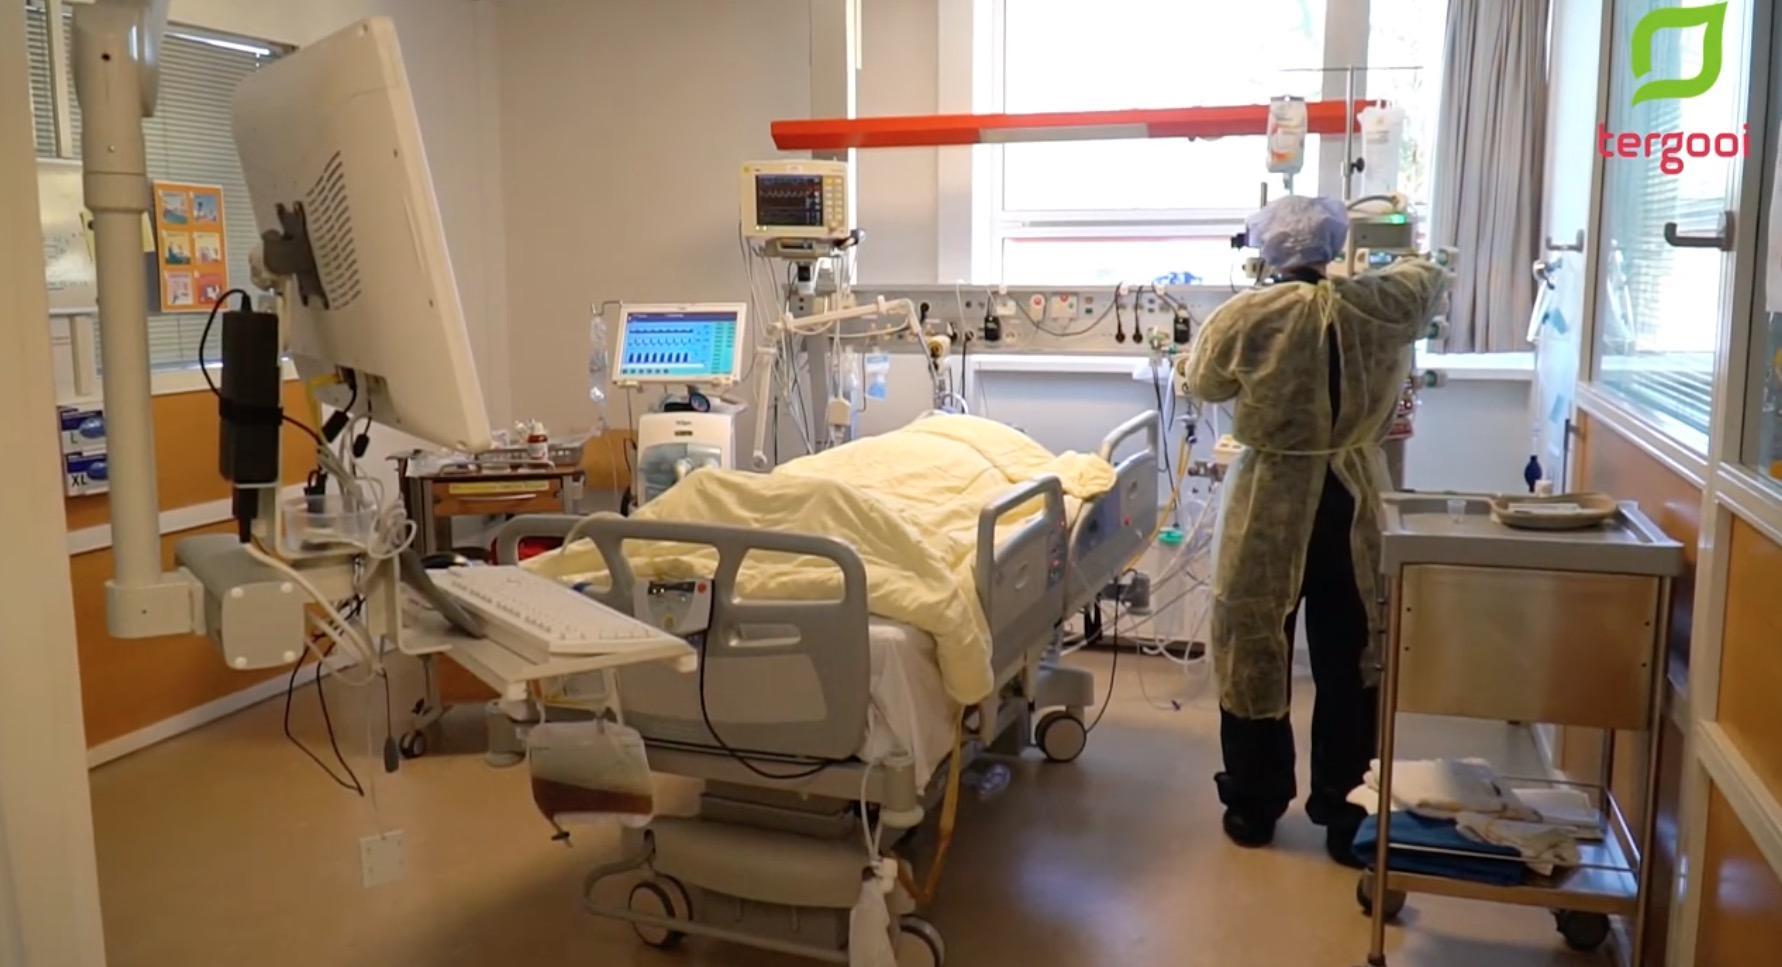 Kijk mee op de intensive care van Tergooi [video]